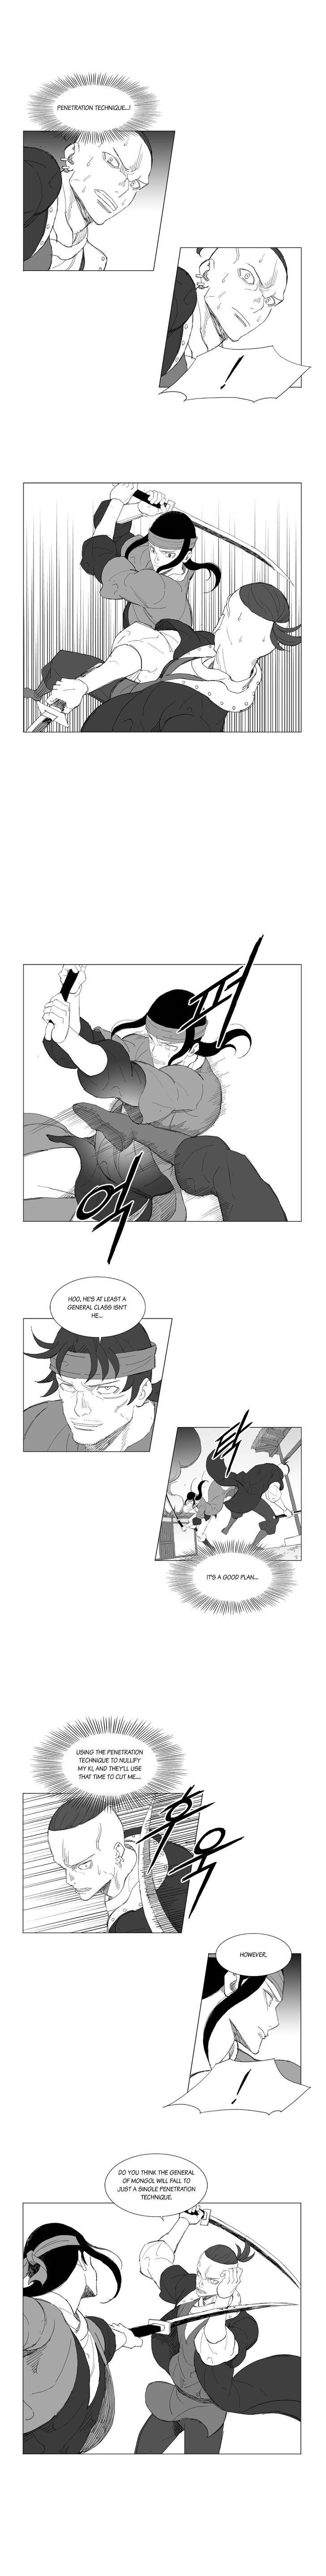 Mujang - Chapter 194